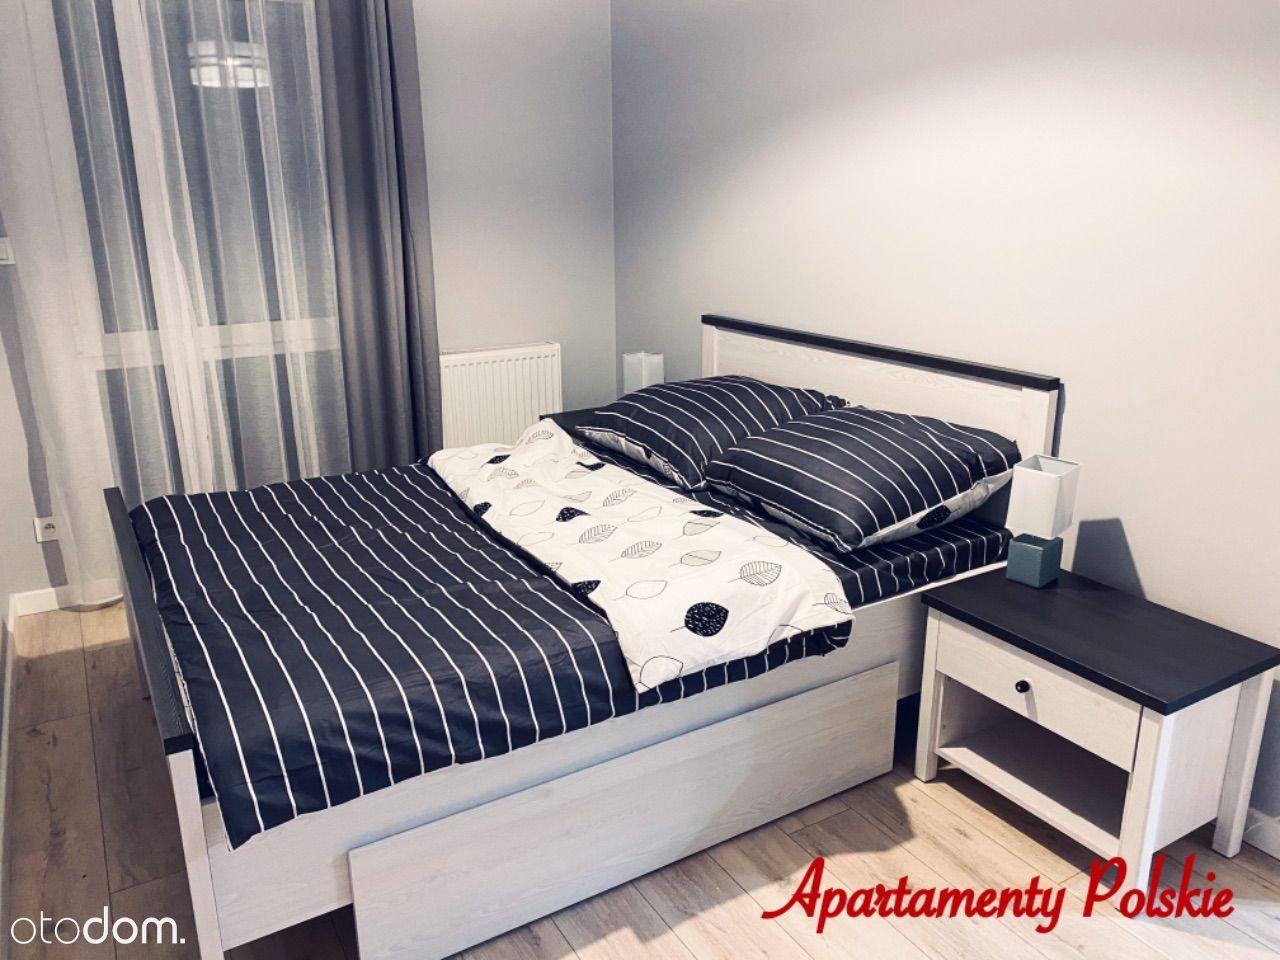 Mieszkania - krotki i długi termin